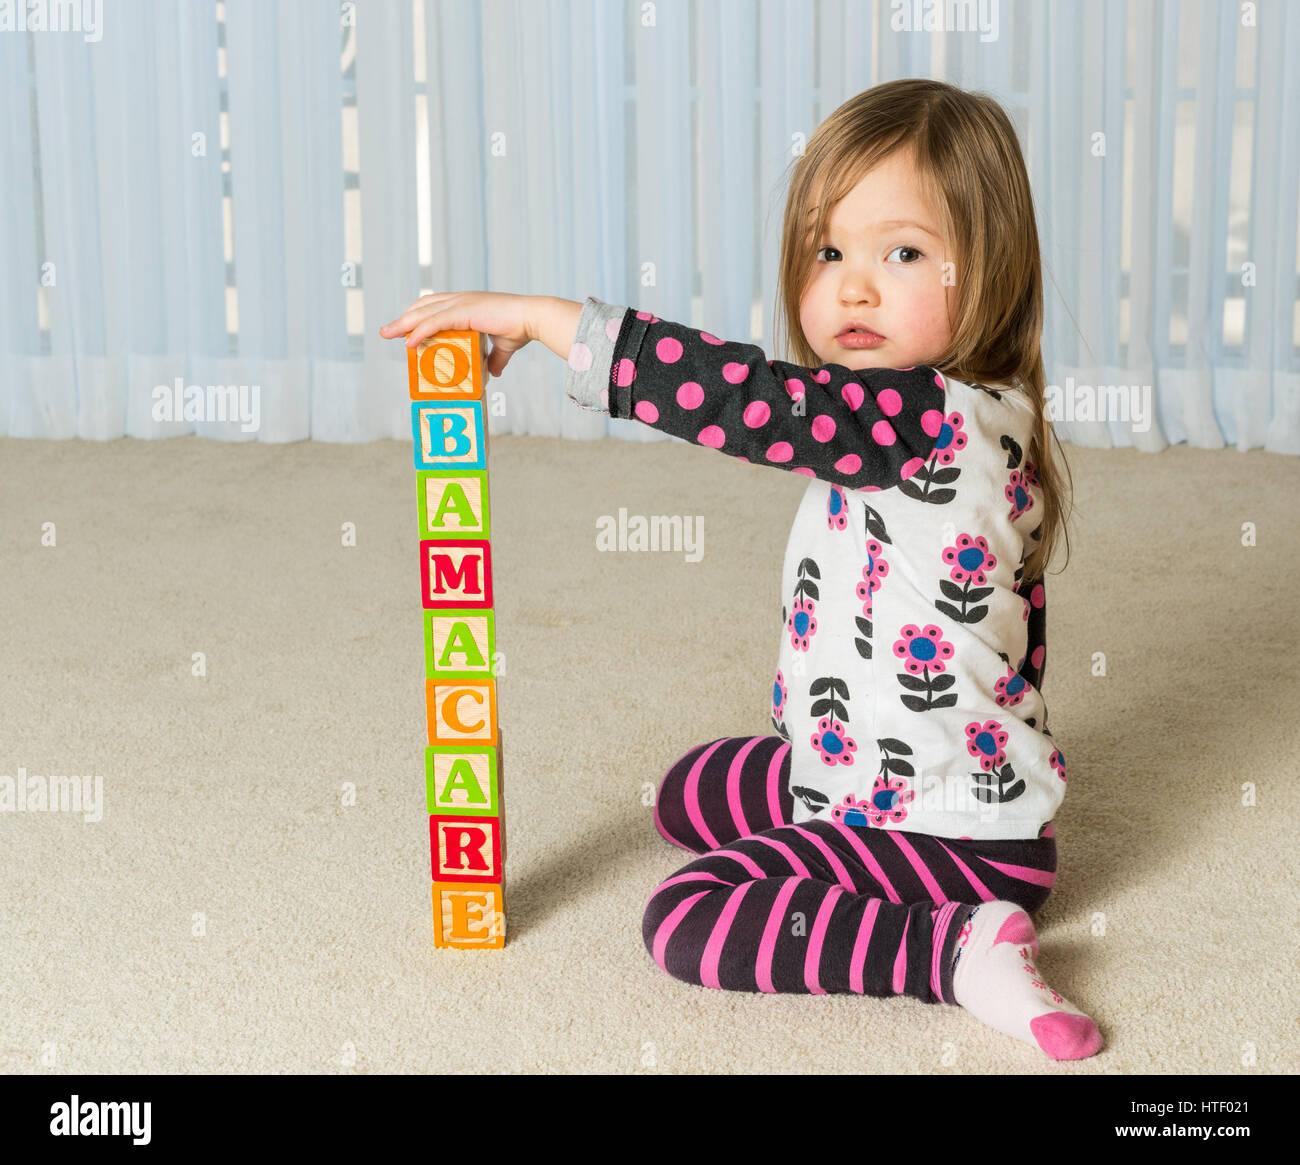 Junge Weibliche Kleinkind Bauen Einen Turm Aus Holzblöcken Zu Hause